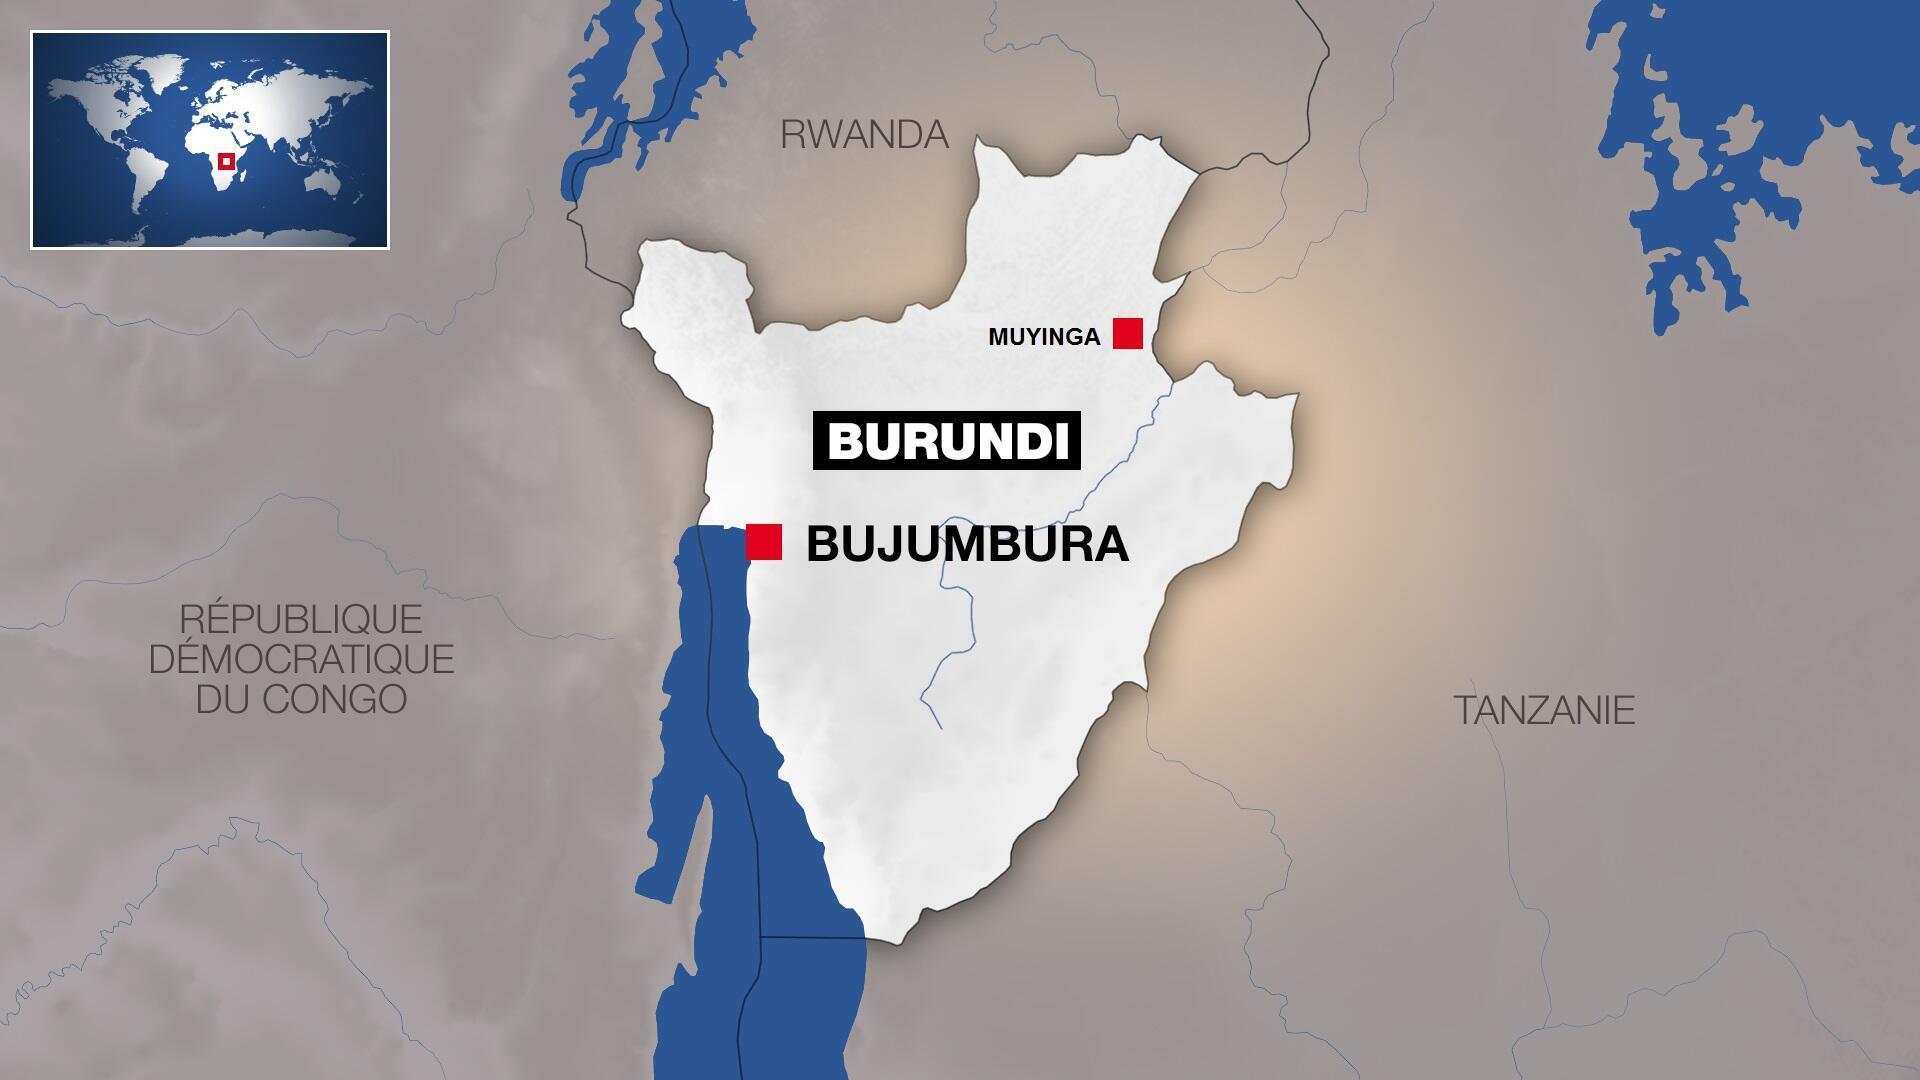 L'incident a eu lieu à une quinzaine de kilomètres de Muyinga, dans le nord-est du Burundi.